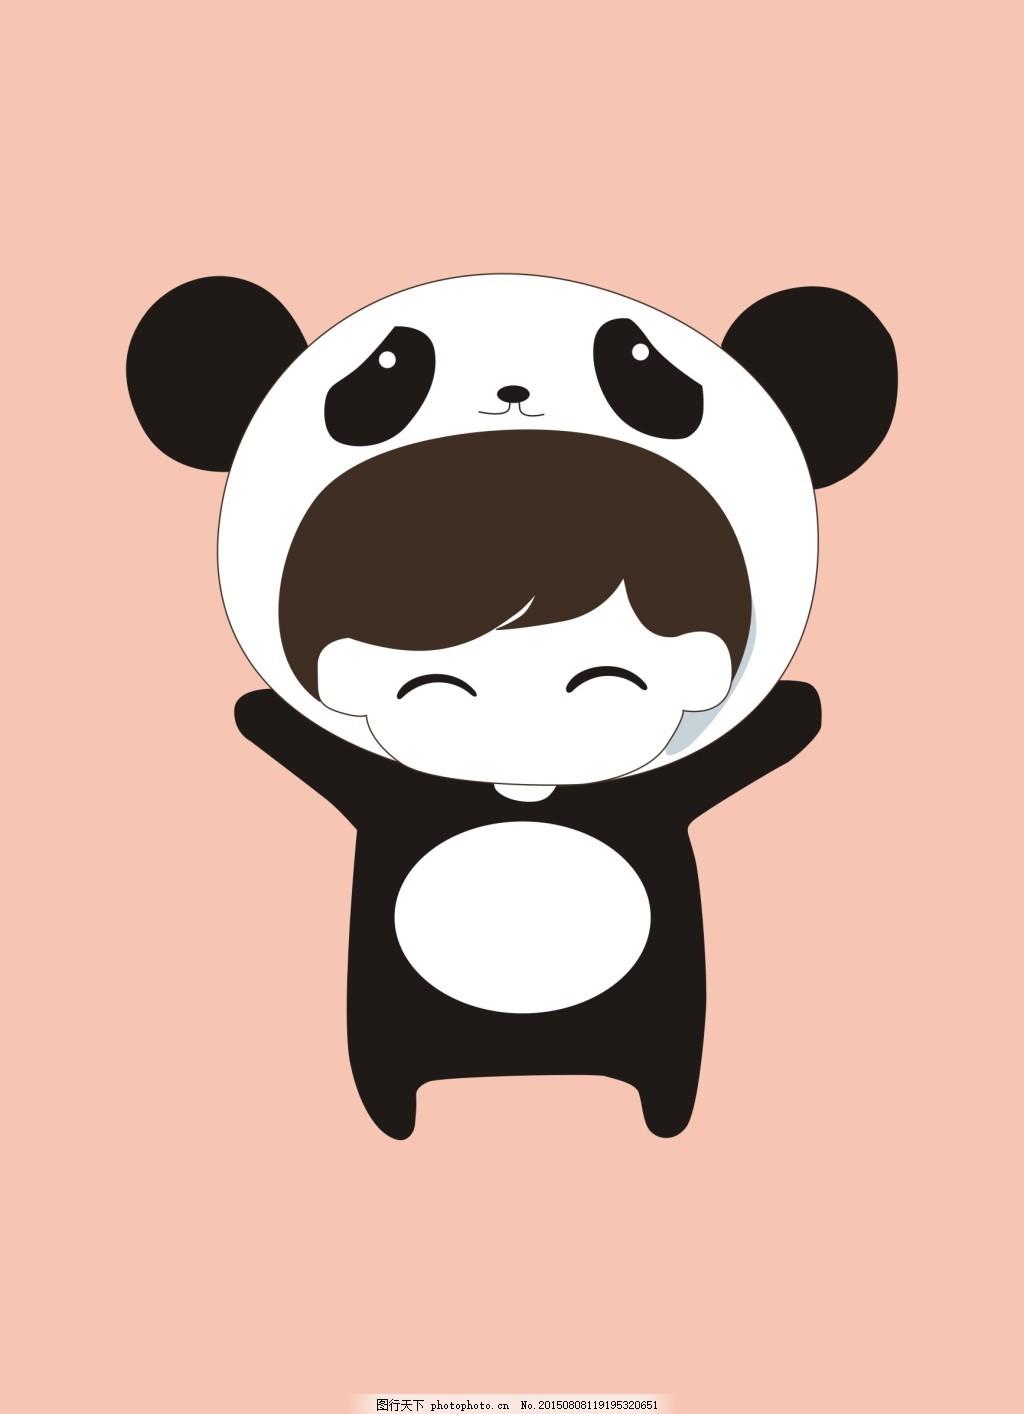 可爱卡通手机屏保 可爱 男孩 卡通 粉色 熊猫 手机 屏保 cdr cdr